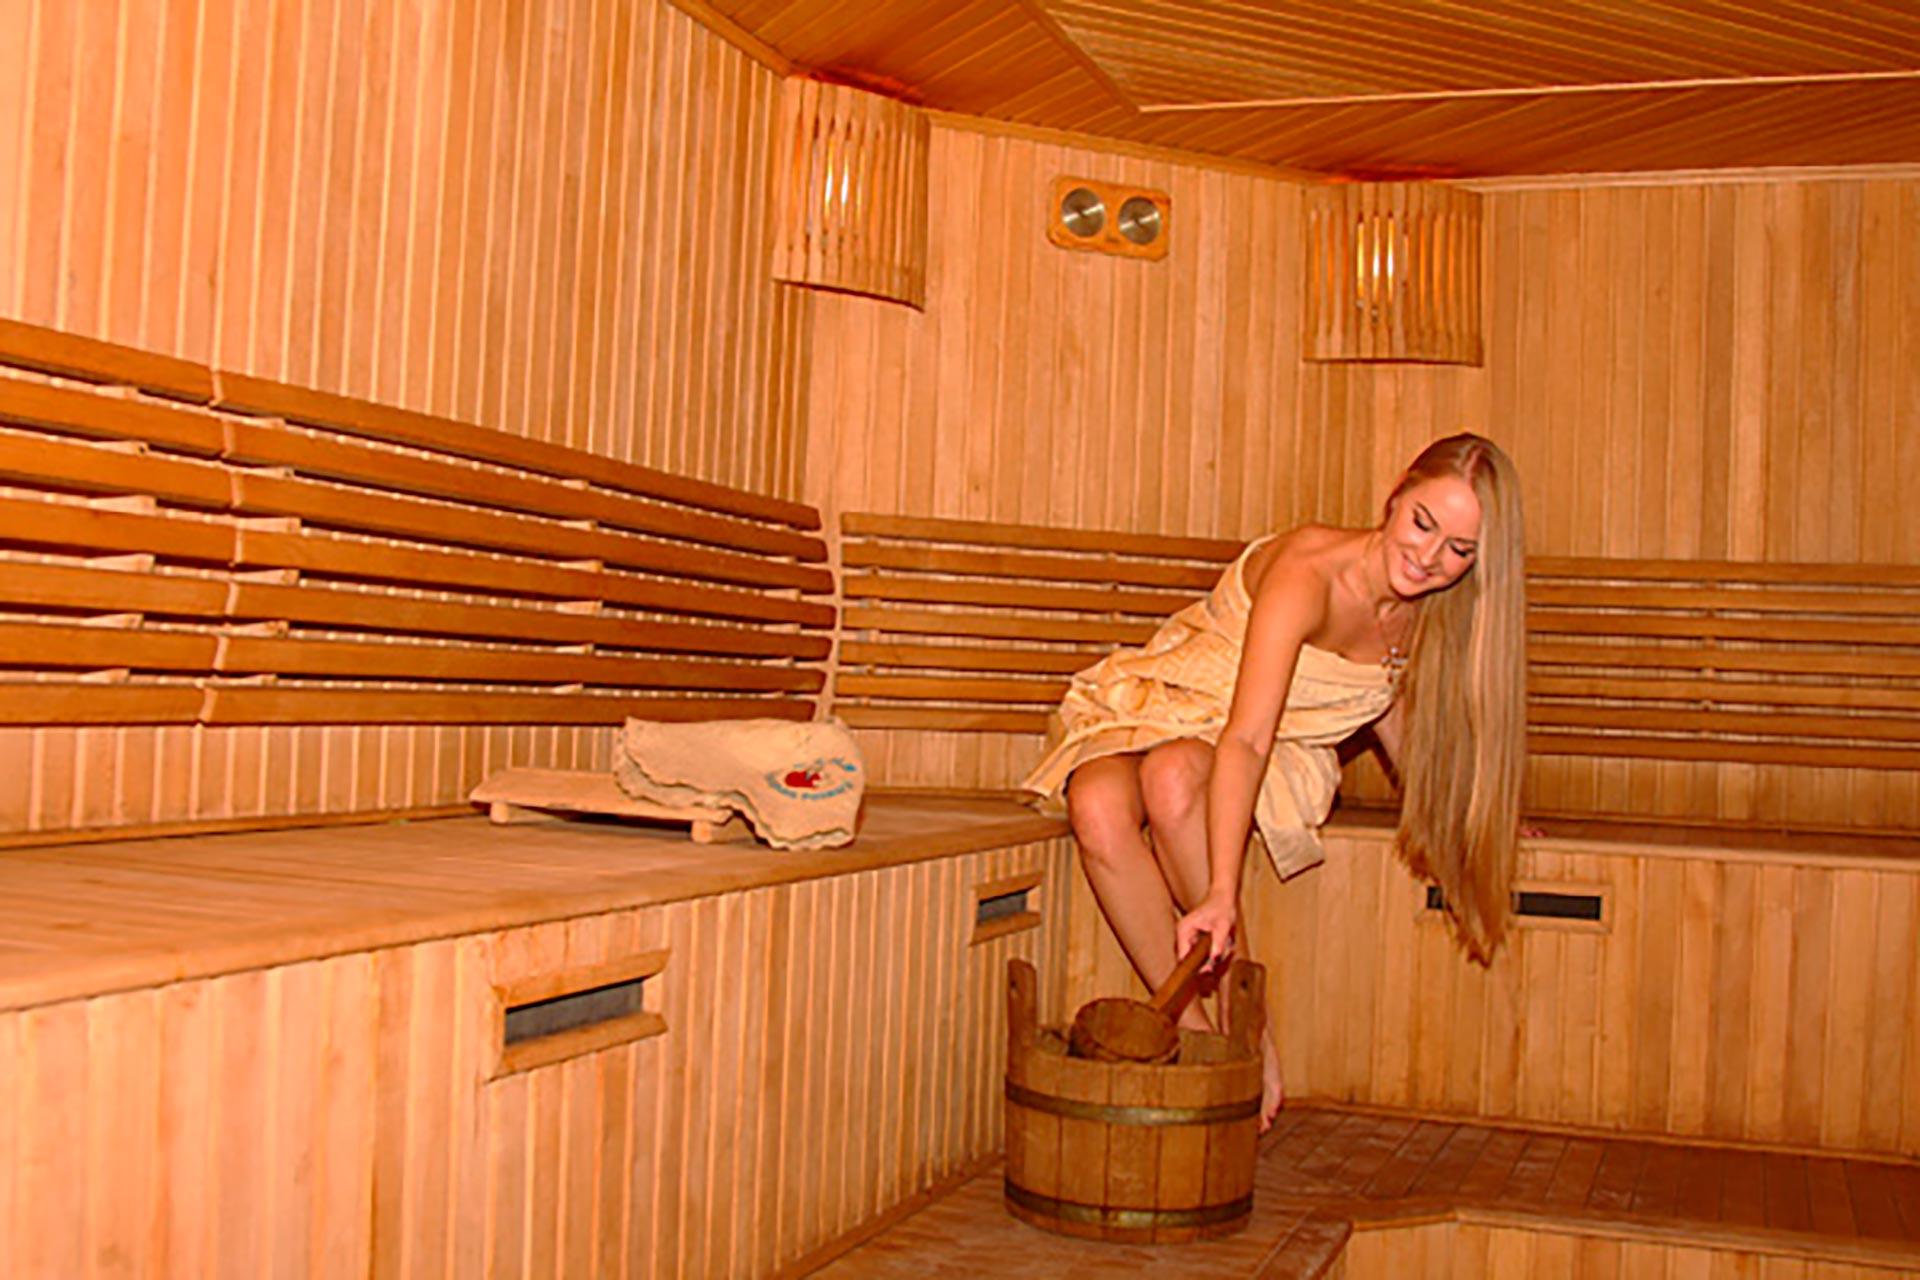 Скрытая семка в турецкой гостинице 16 фотография